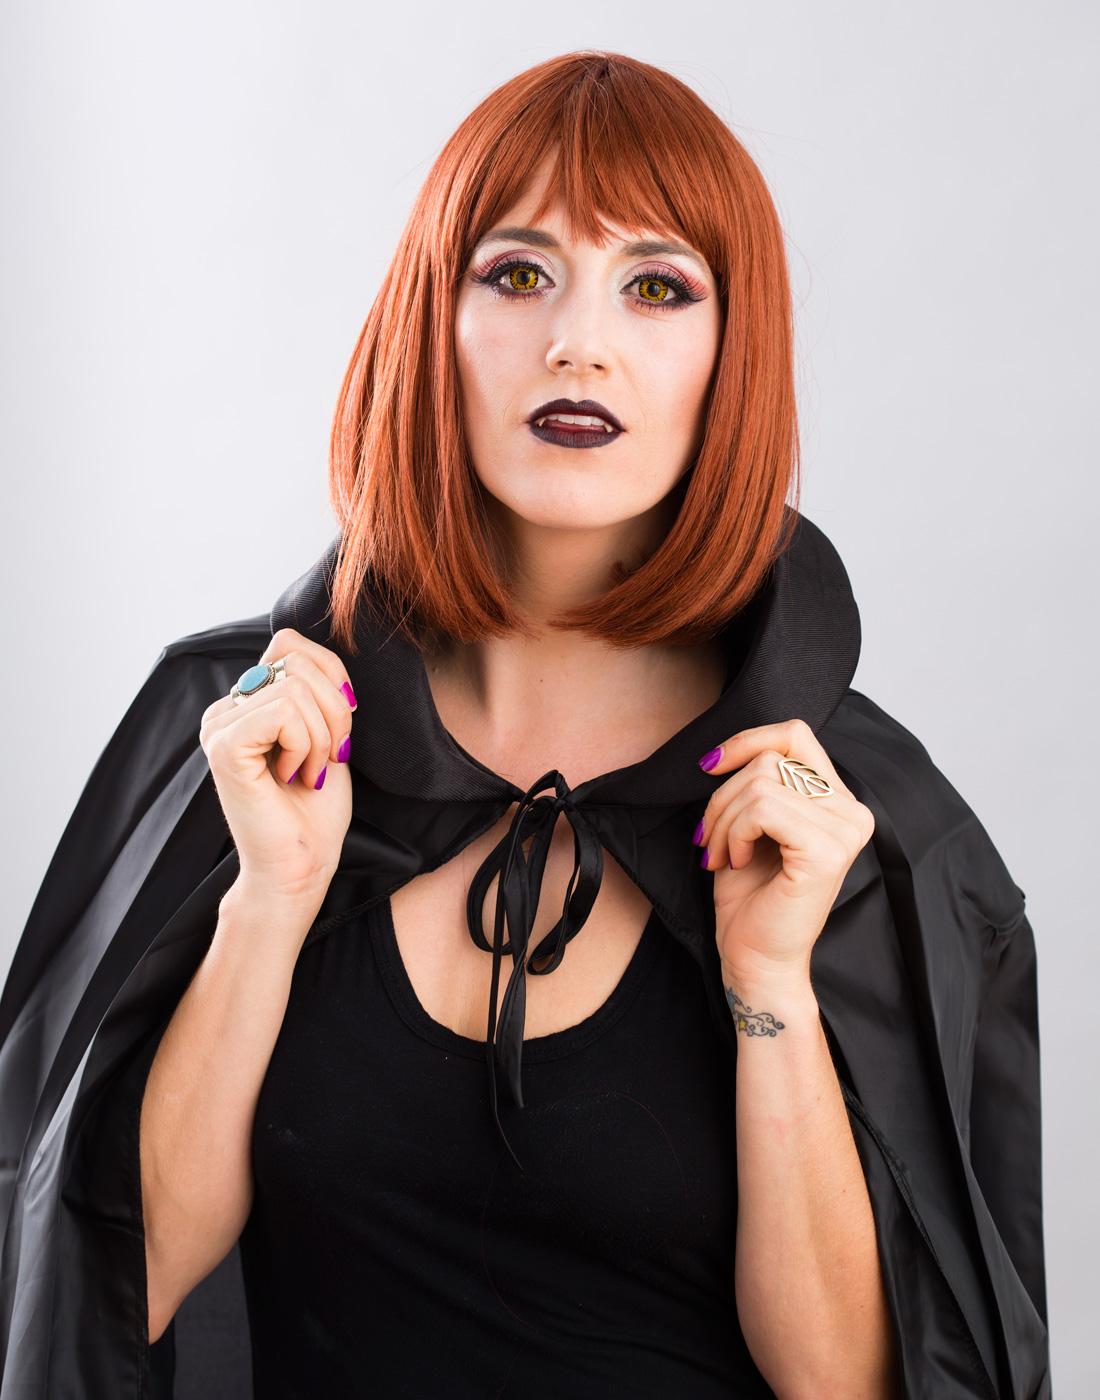 Vampire Makeup DIY